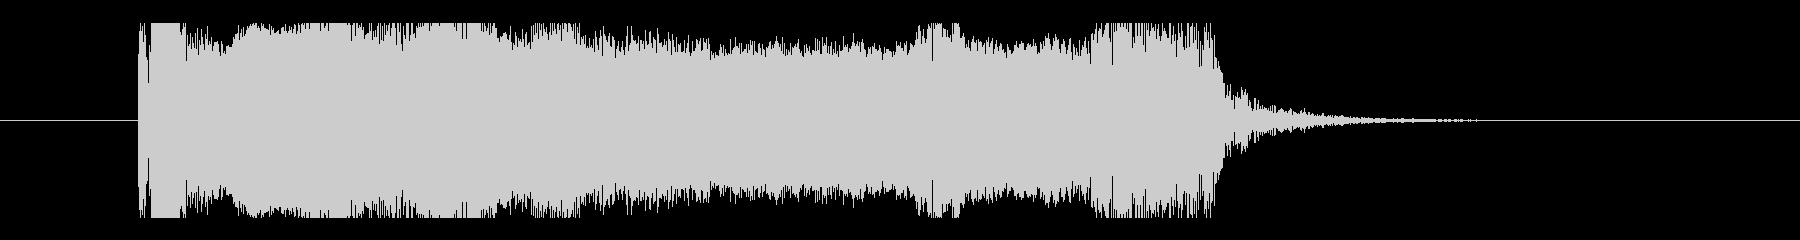 ユニゾンチョーキング、エレキギター音の未再生の波形